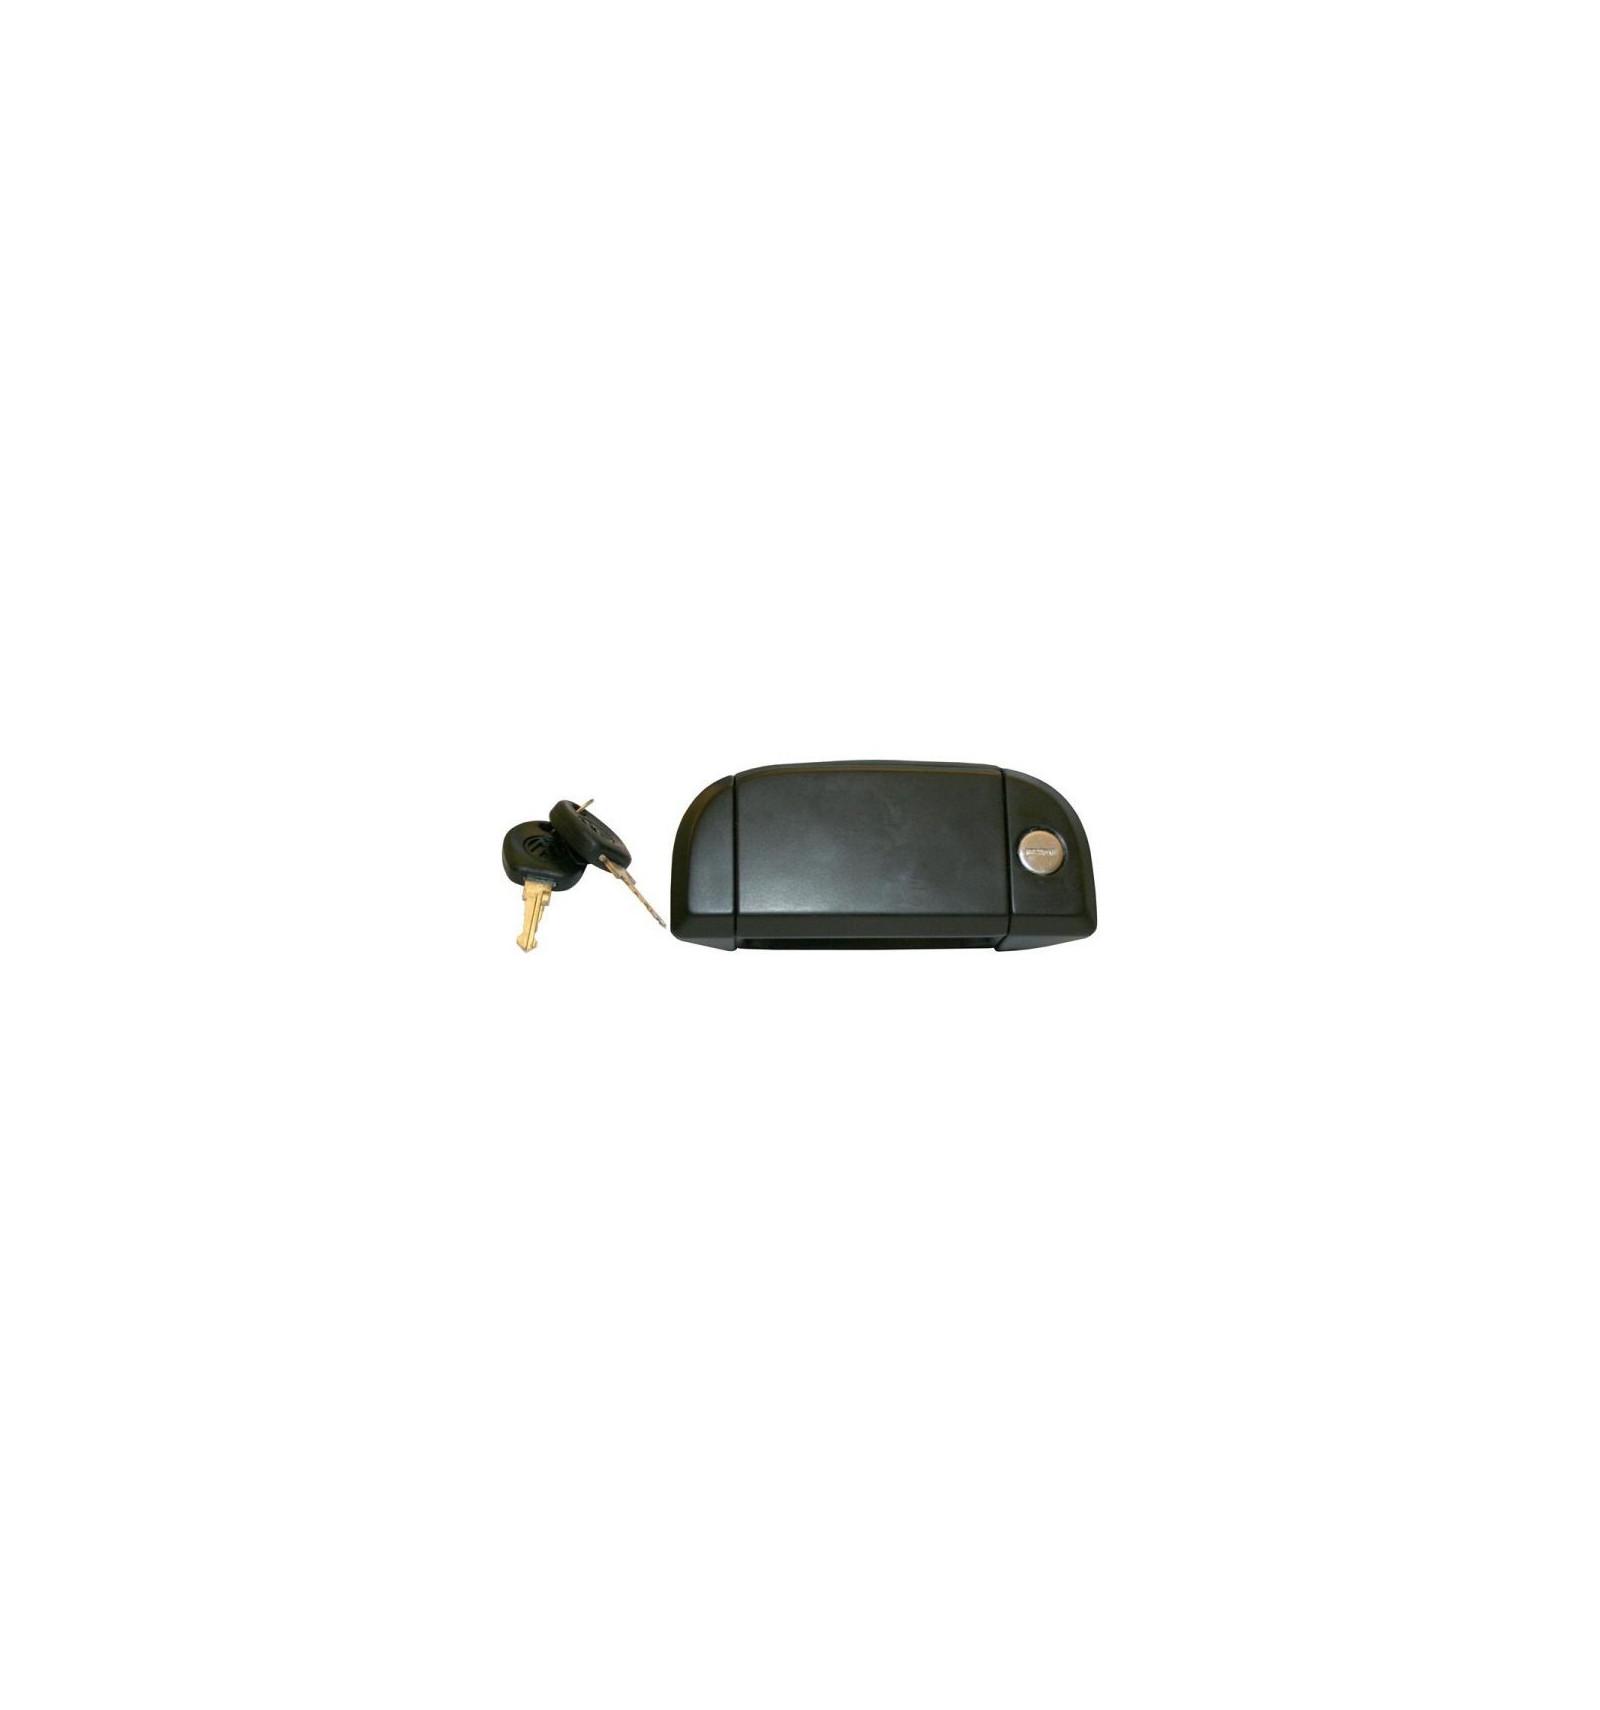 poign e de porte avant gauche avec barrilet 701837205 transporteur t4. Black Bedroom Furniture Sets. Home Design Ideas